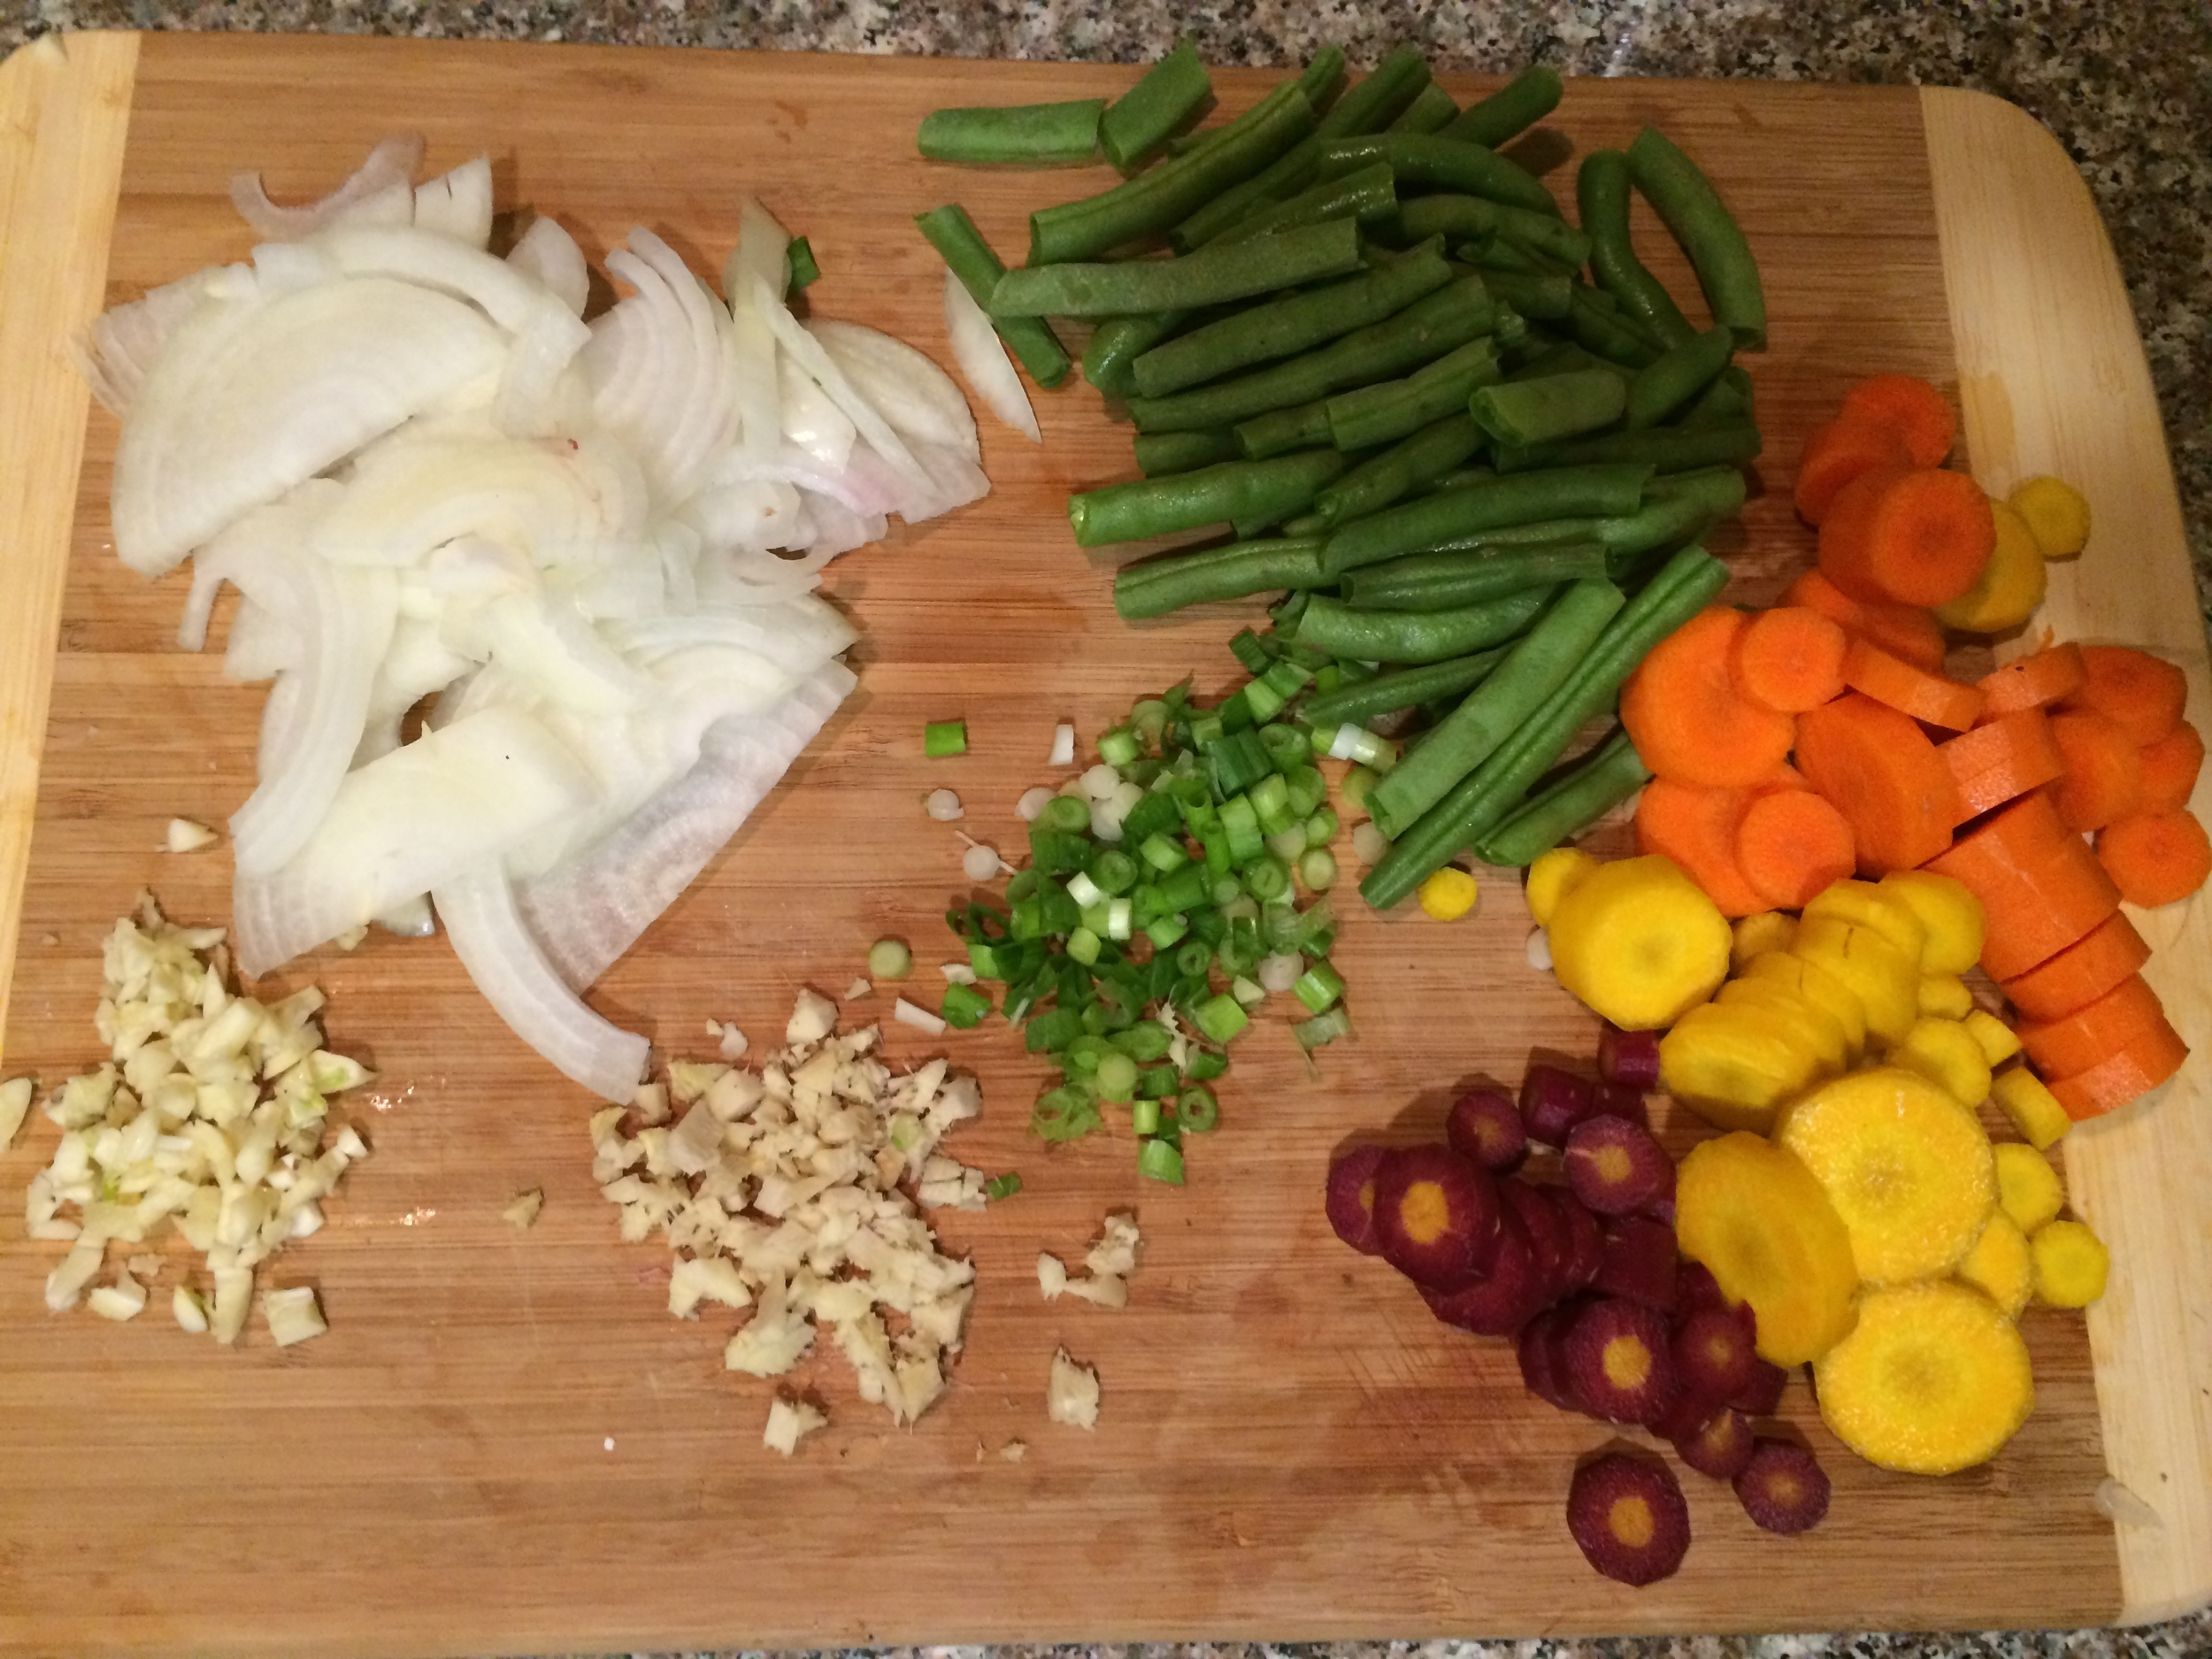 Leek & Garlic Fried Rice Ingredients